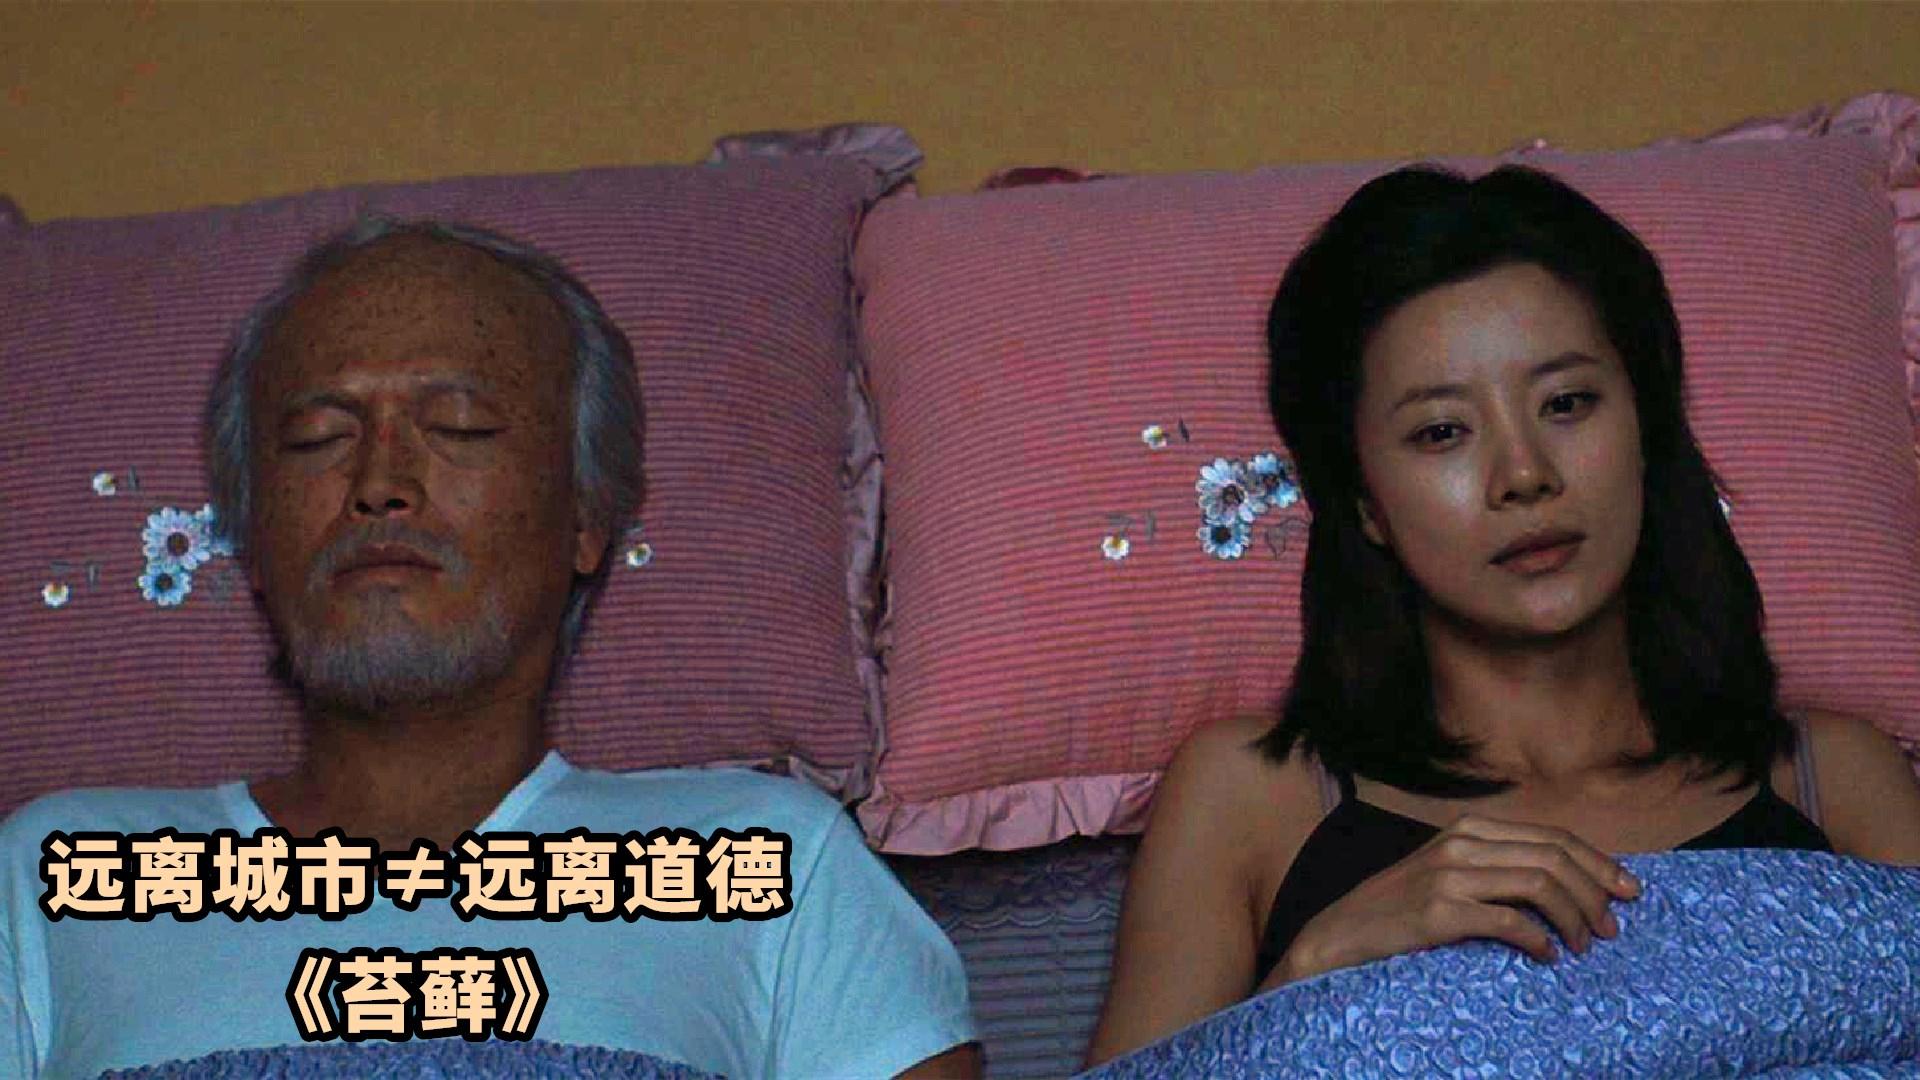 远离城市就可以远离伦理道德?一部鲜为人知的韩国悬疑片《苔藓》